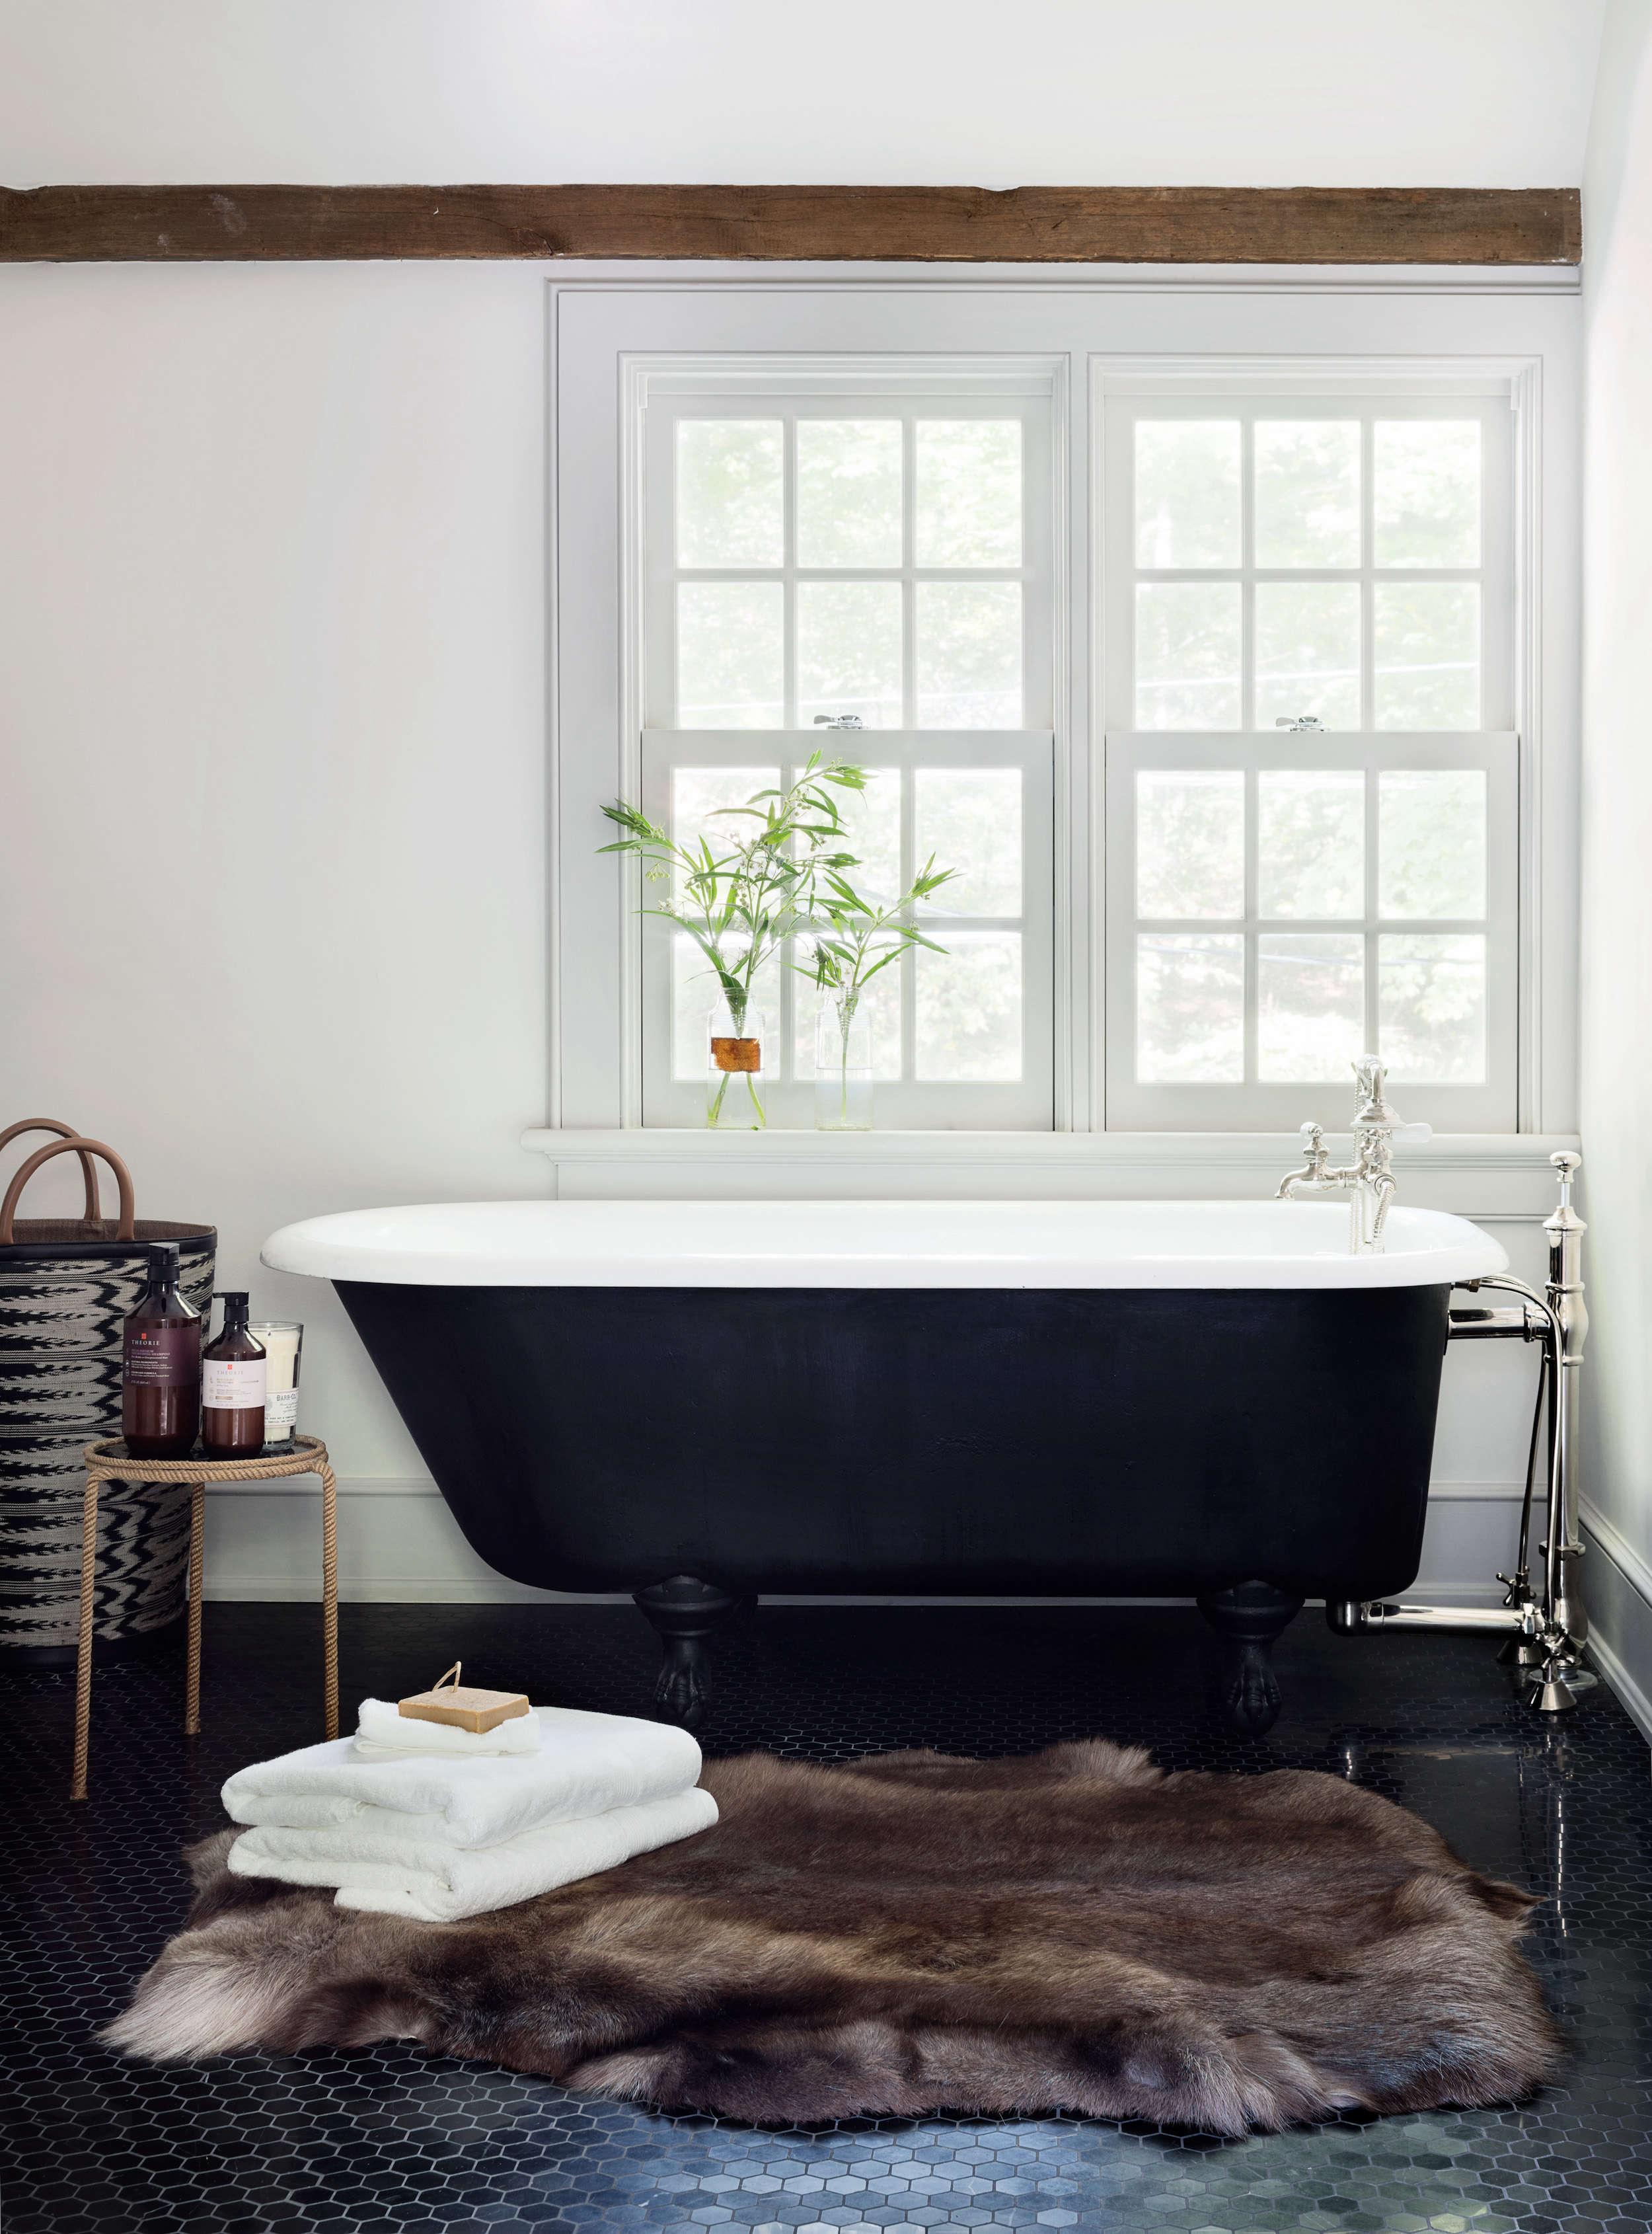 bathroom-farmhouse-renovation-black-clawfoot-bathtub-animal-rug